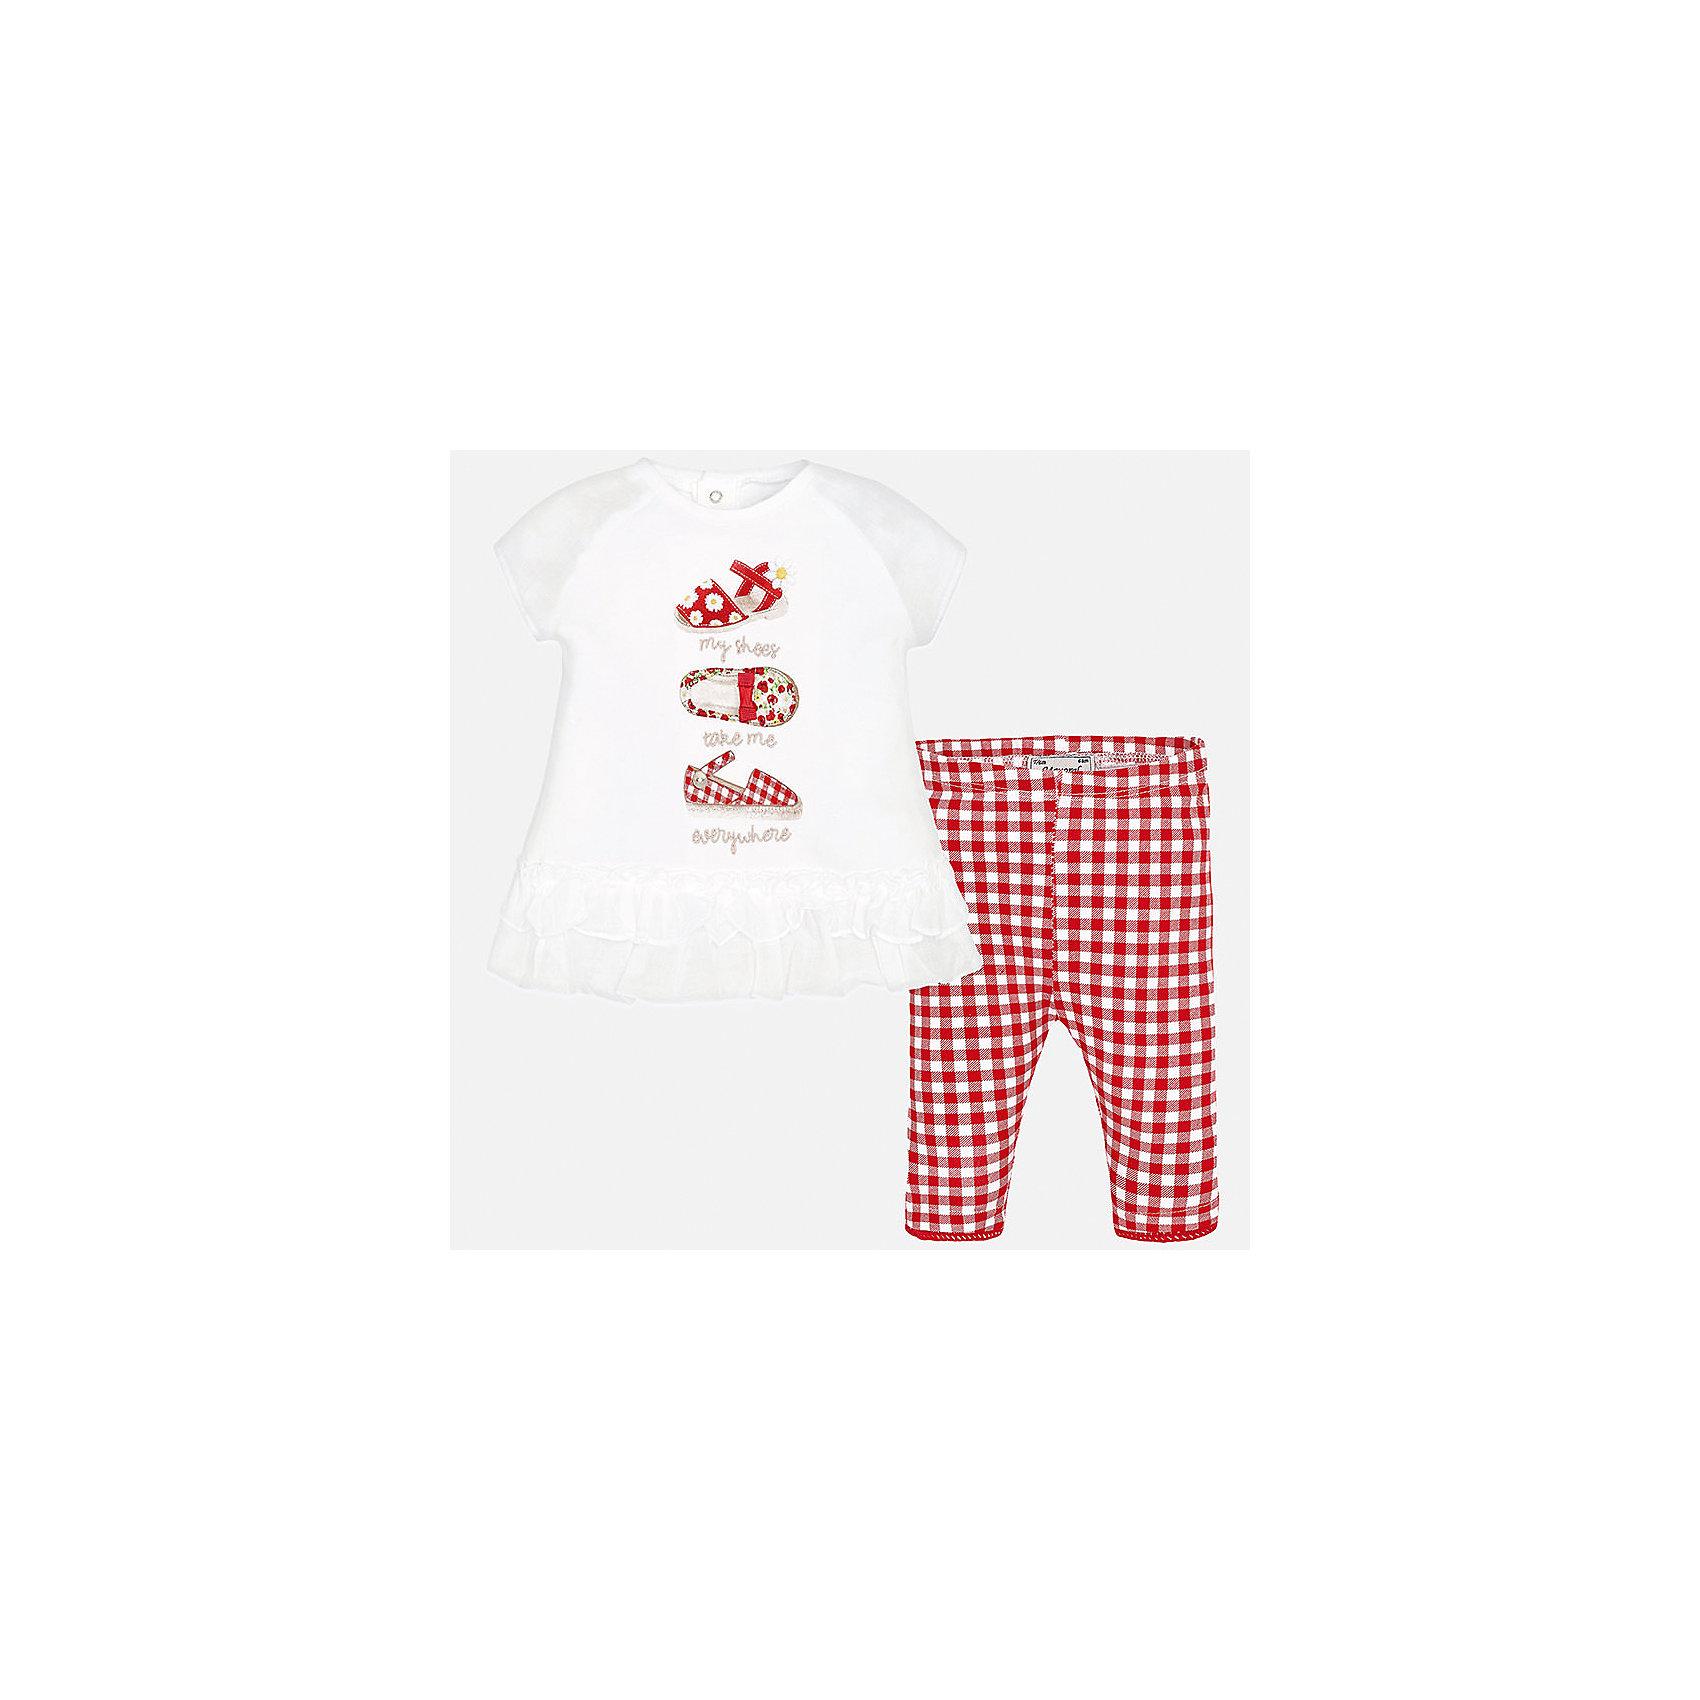 Комплект: футболка с длинным рукавом и бриджи для девочки MayoralКомплекты<br>Комплект: футболка с длинным рукавом и бриджи для девочки от известной испанской марки Mayoral.<br><br>Ширина мм: 191<br>Глубина мм: 10<br>Высота мм: 175<br>Вес г: 273<br>Цвет: красный<br>Возраст от месяцев: 6<br>Возраст до месяцев: 9<br>Пол: Женский<br>Возраст: Детский<br>Размер: 74,92,80,86<br>SKU: 5289001